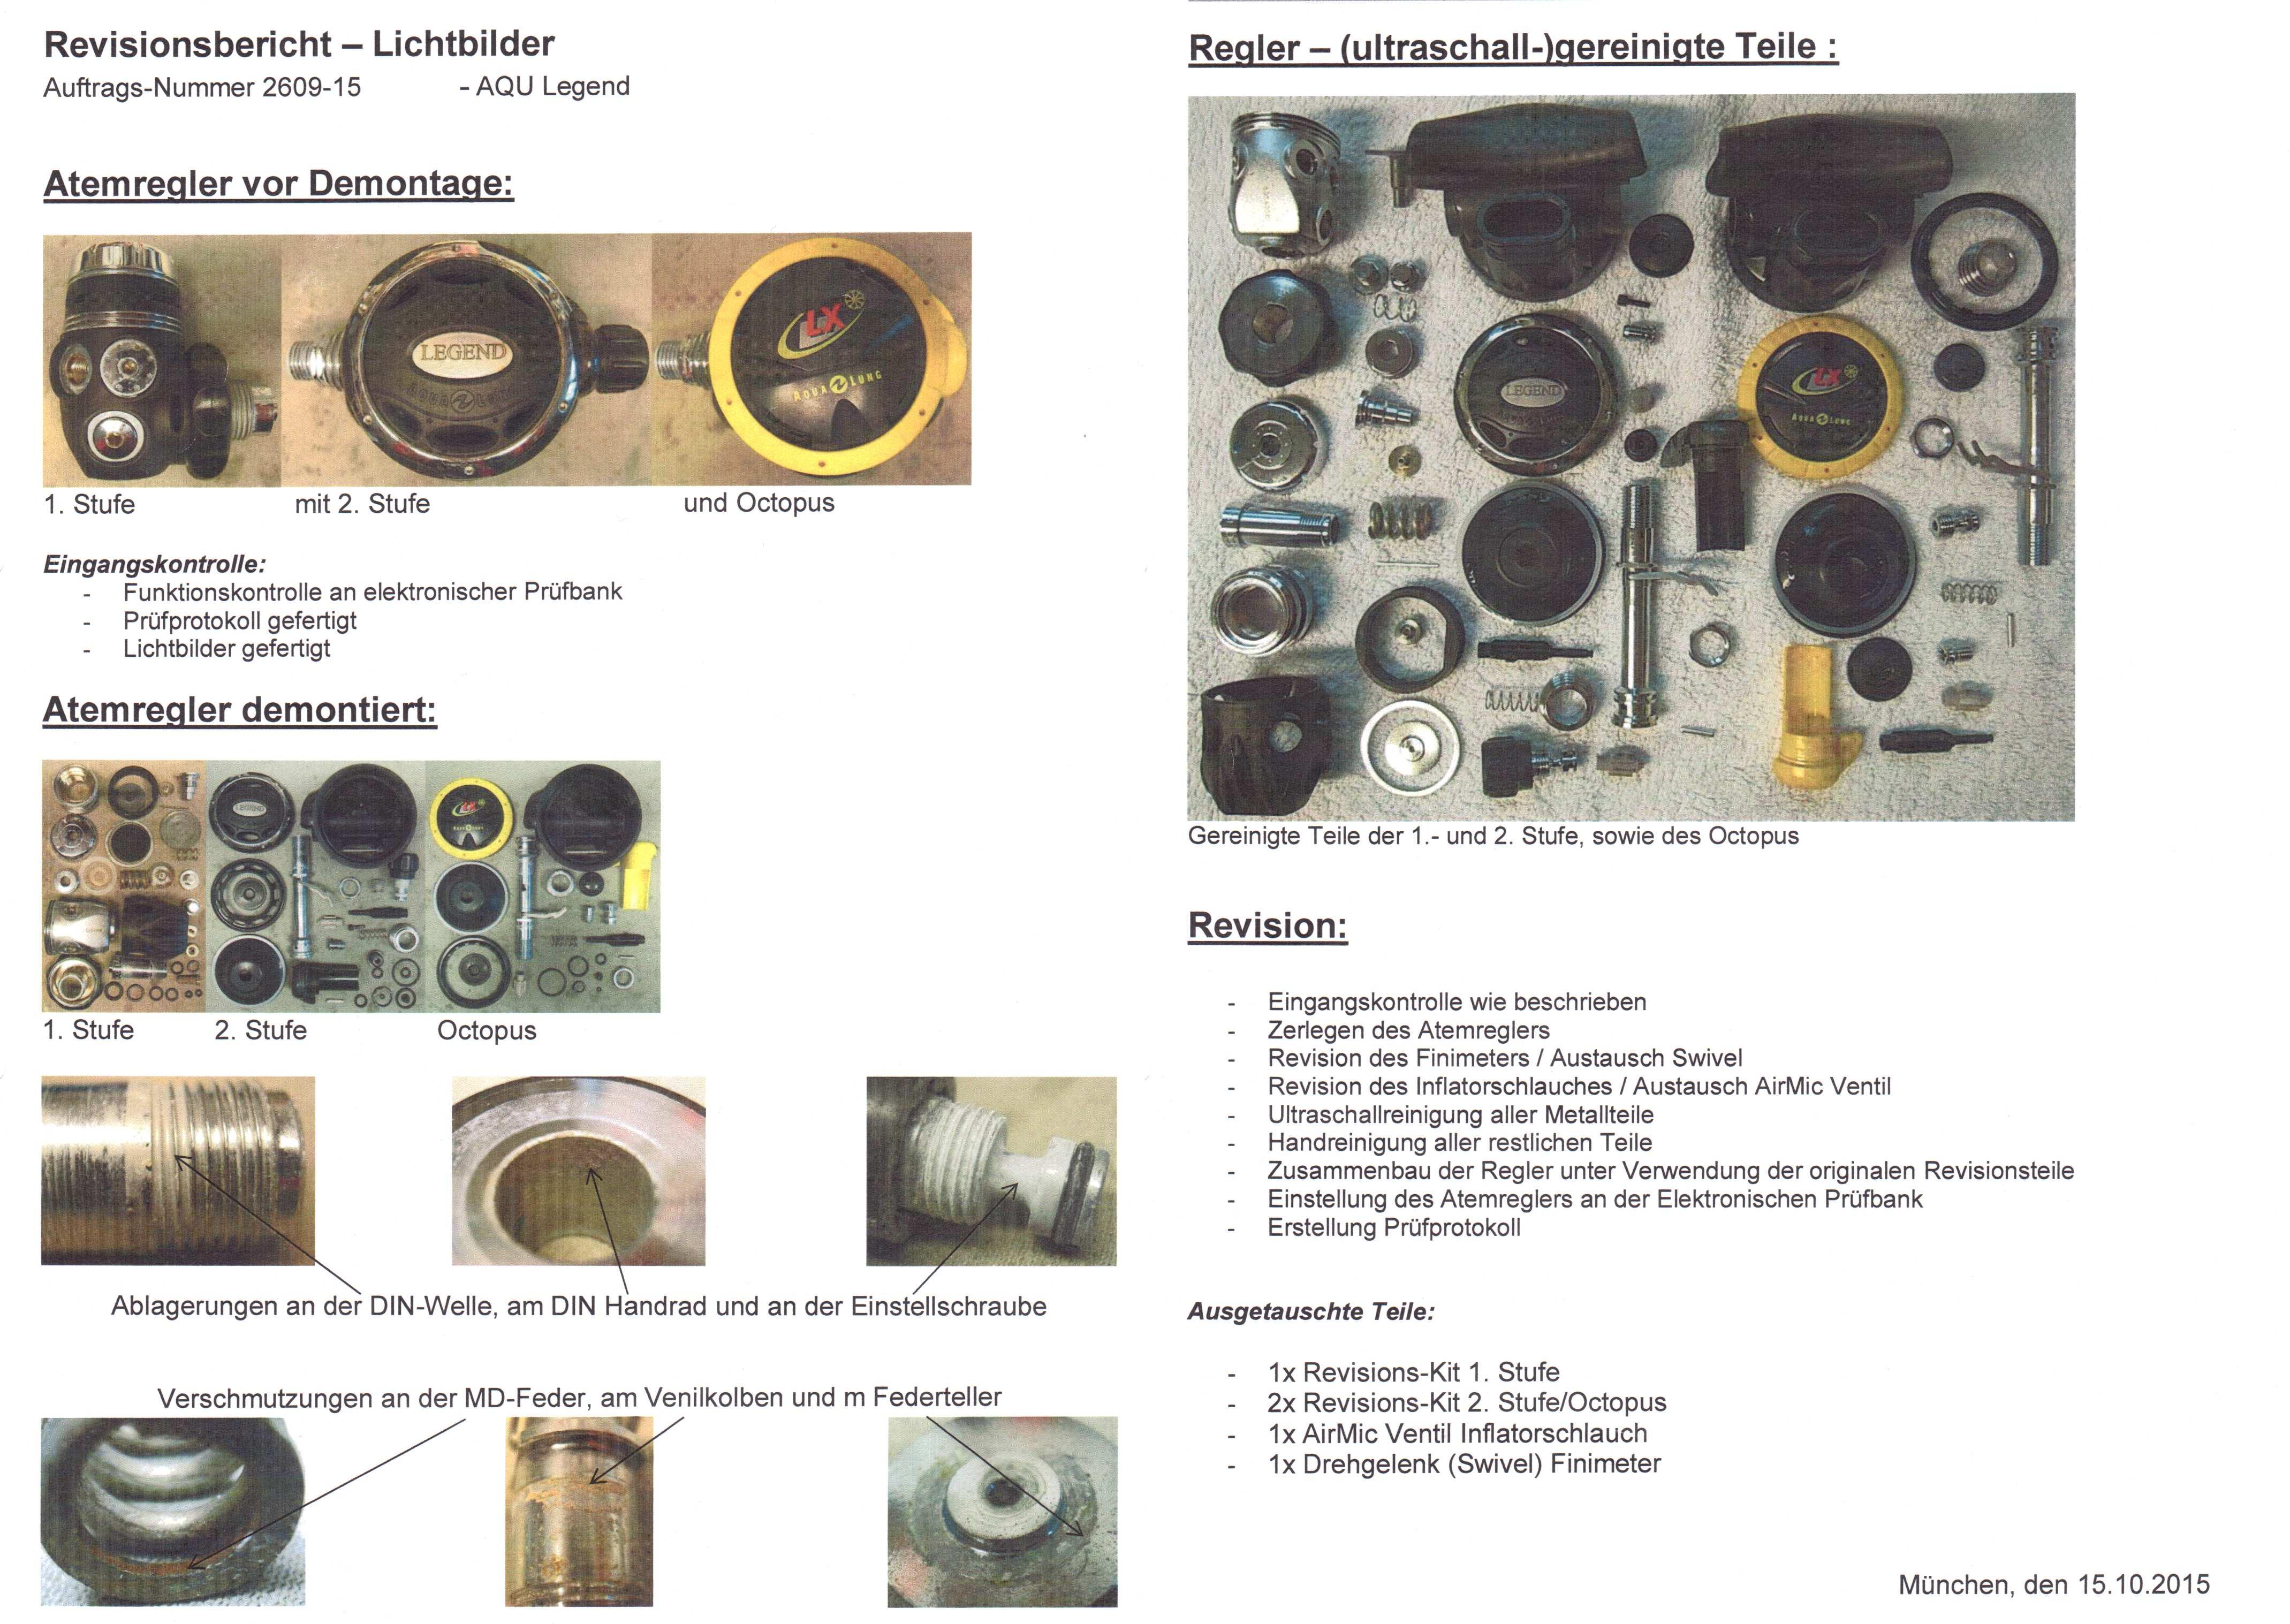 Ziemlich Teile Eines Automotors Beschriftet Fotos - Elektrische ...